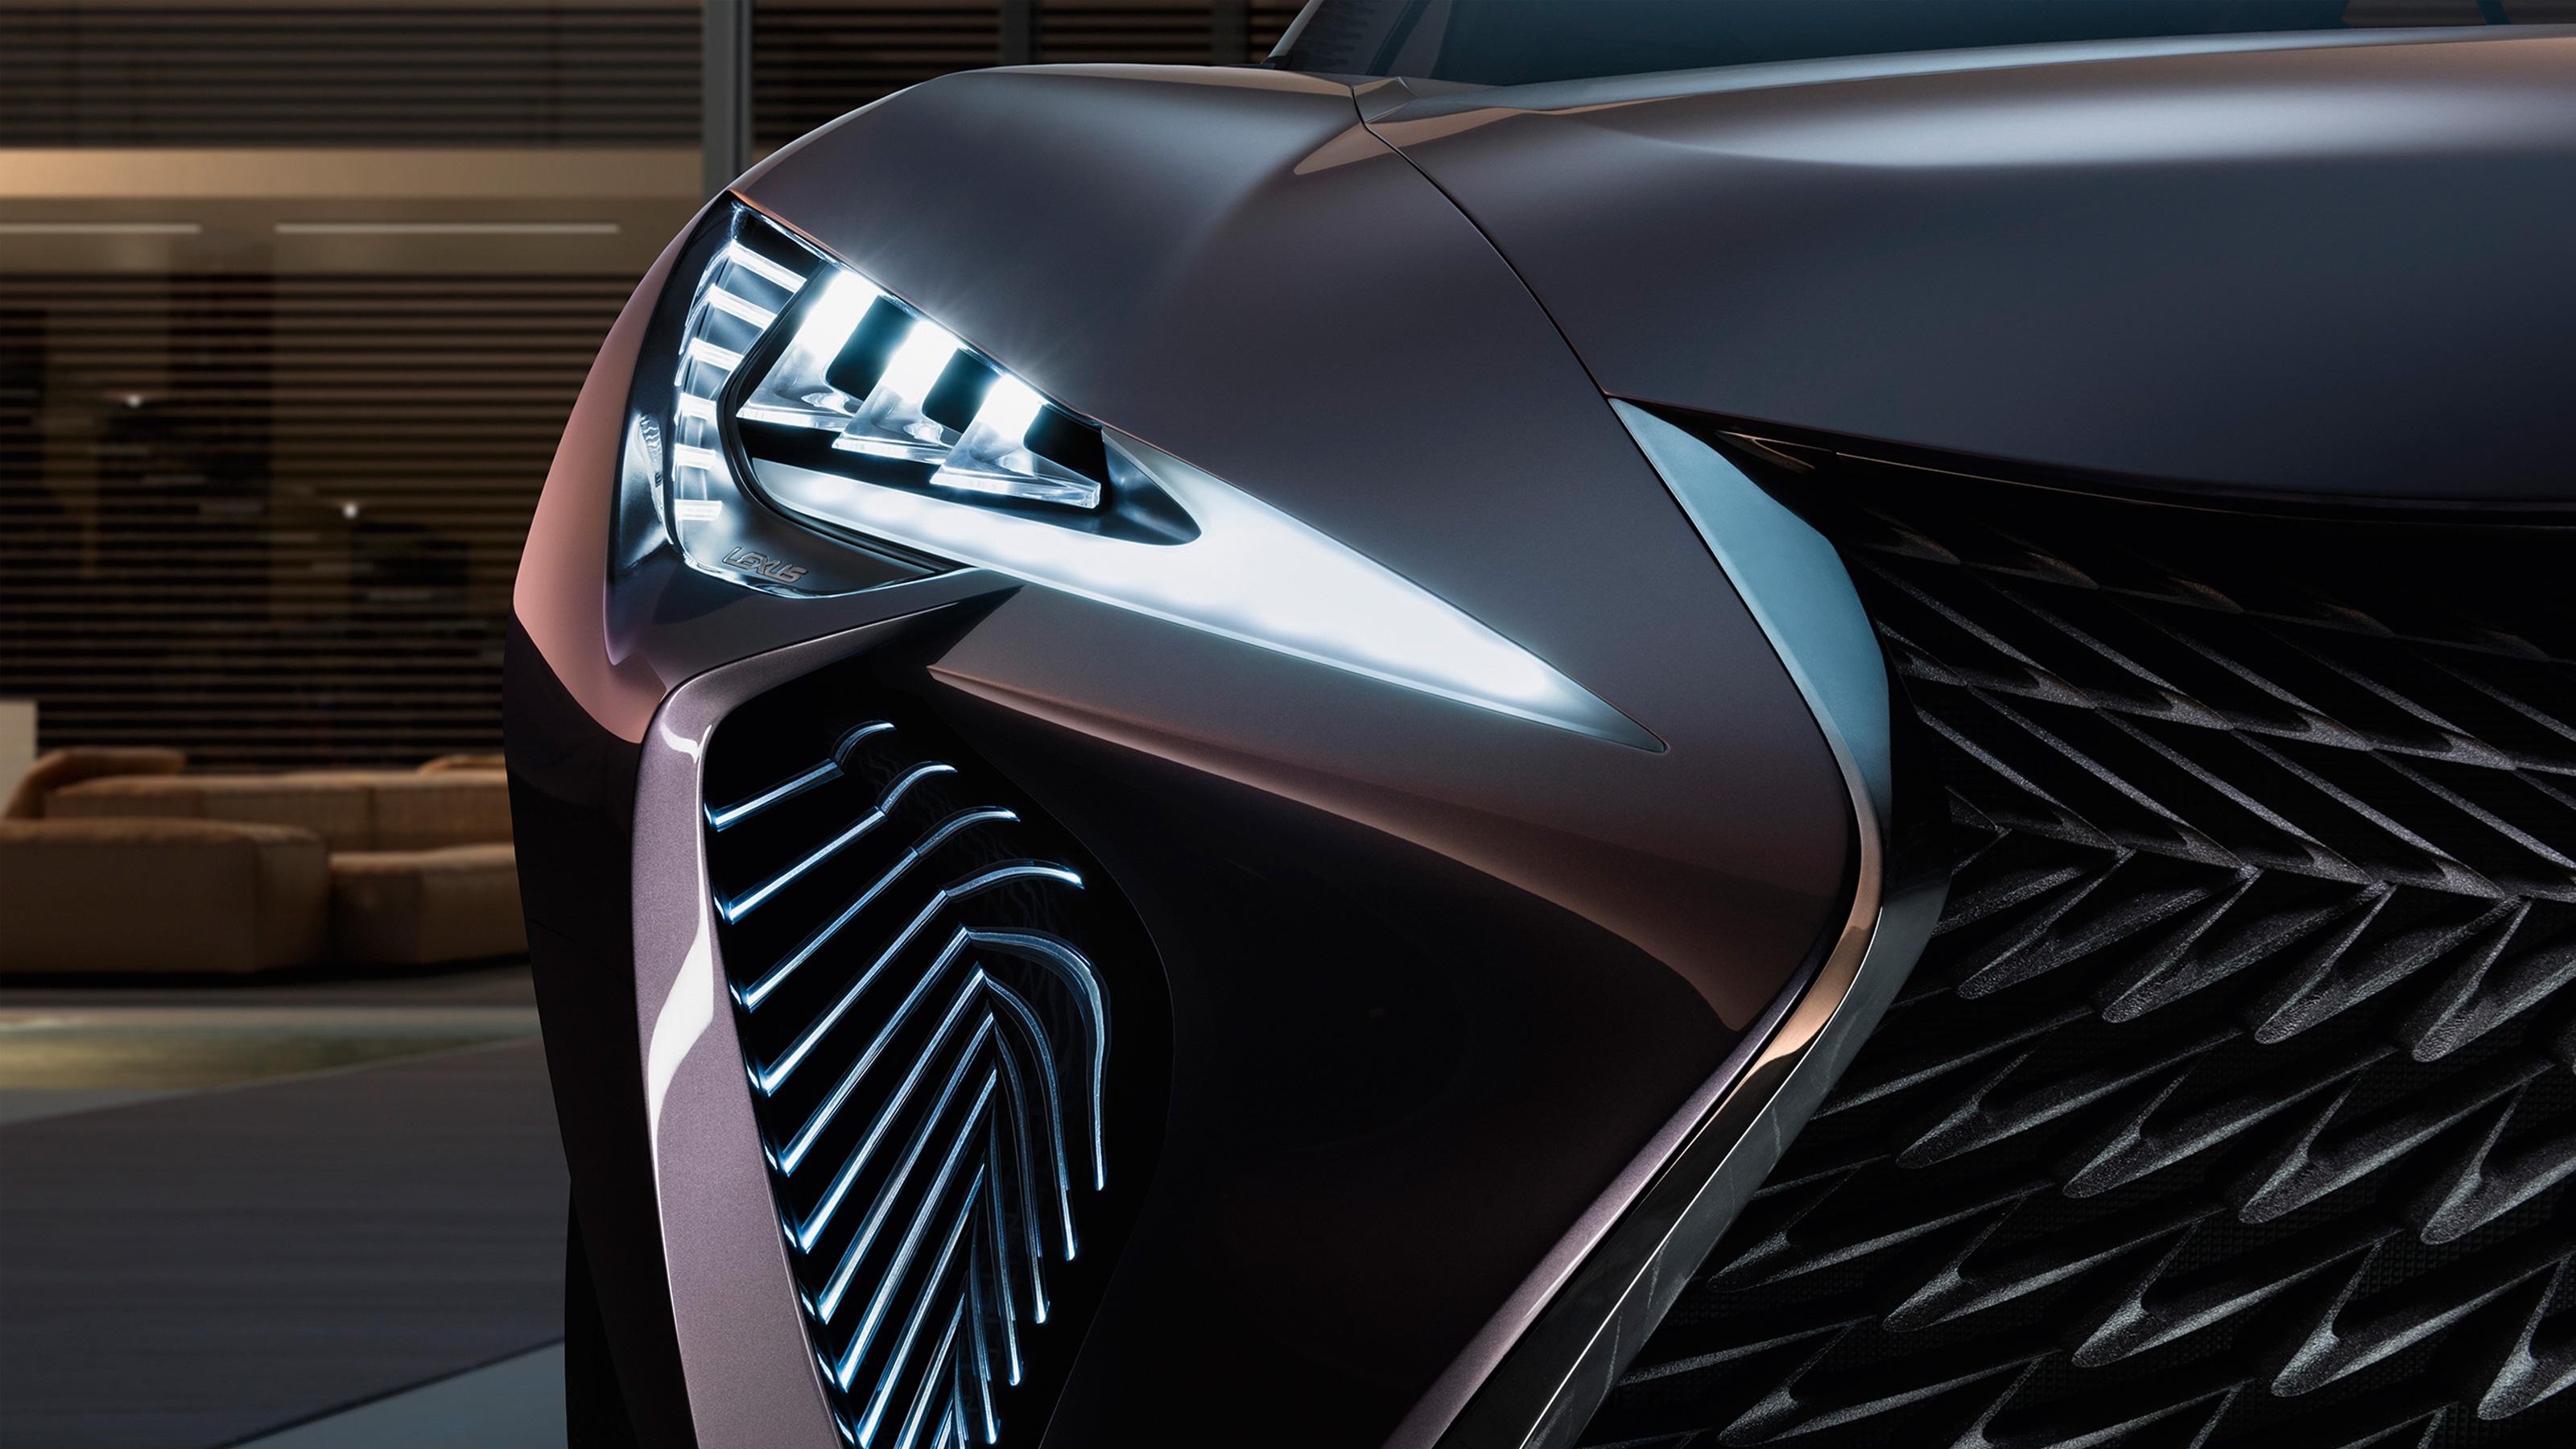 2016 Lexus UX Concept 3 Wallpaper   HD Car Wallpapers   ID #7042